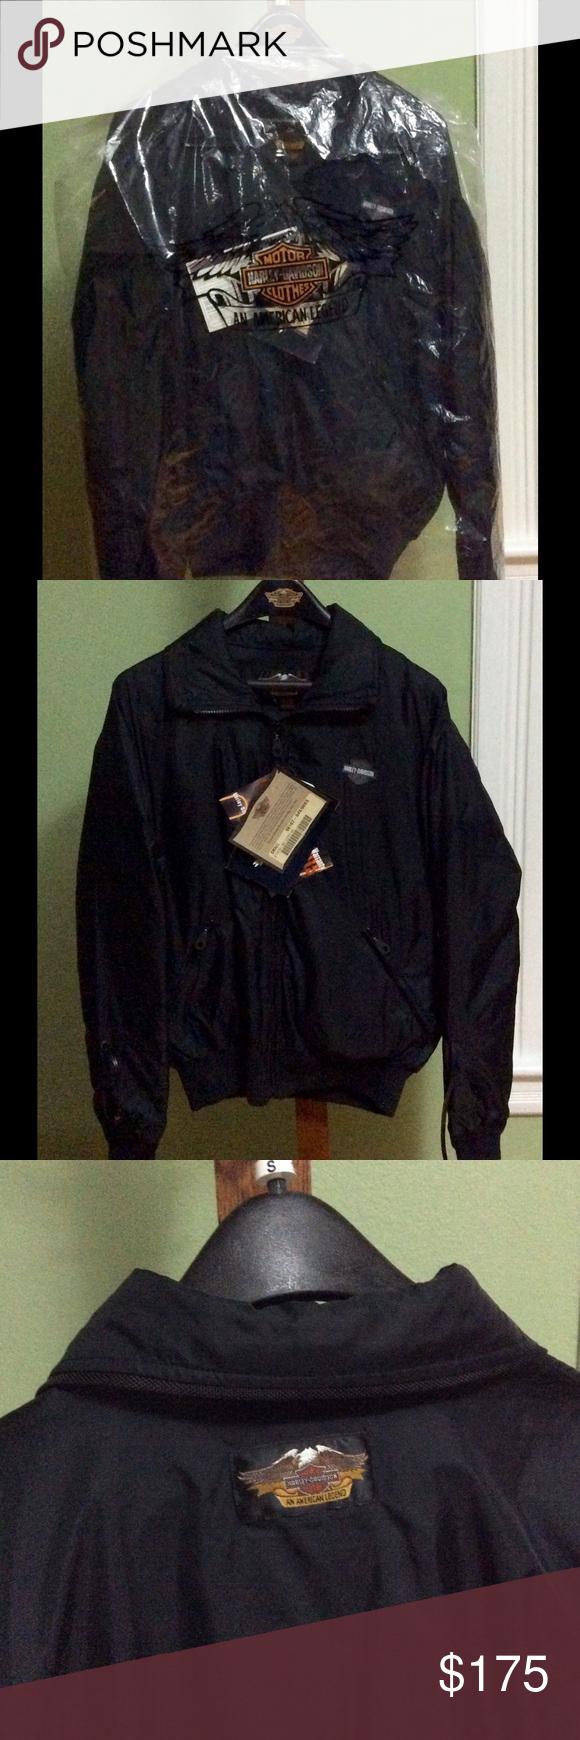 Stupendous Mens Harley Davidson Heated Jacket Liner Size S Mens Black Harley Wiring Digital Resources Operbouhousnl